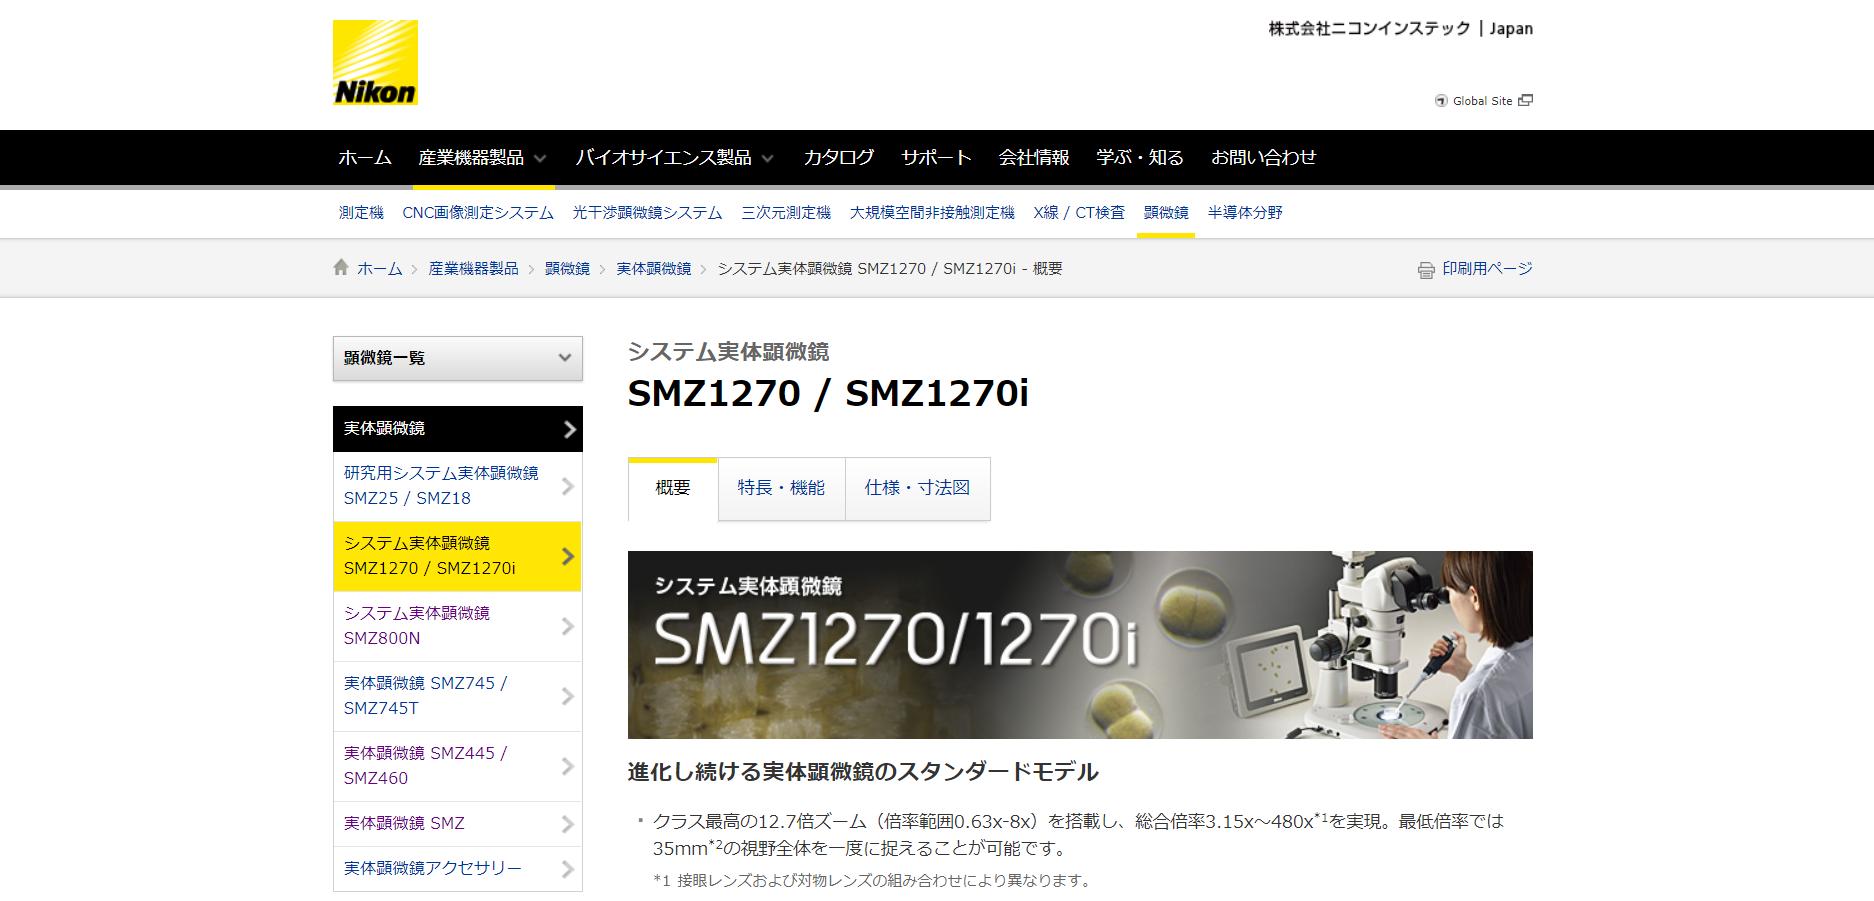 システム実体顕微鏡 SMZ1270 / SMZ1270i